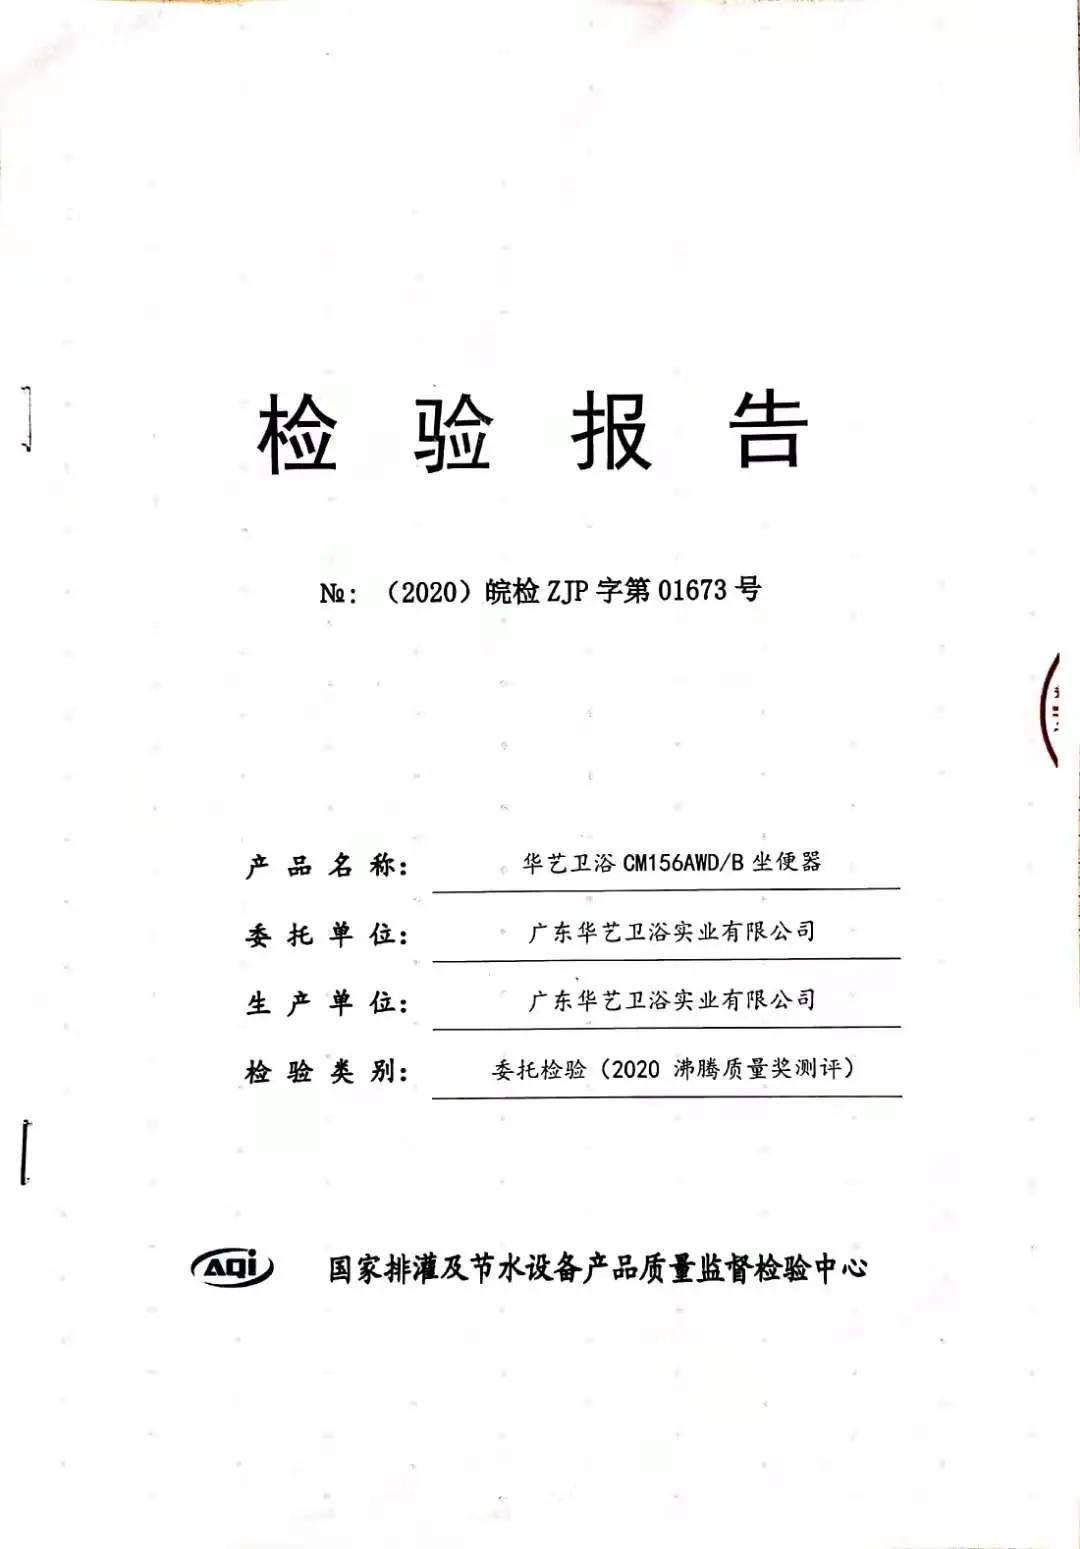 摘得沸騰質量金獎的華藝CM156陶瓷坐便器,到底有多香?